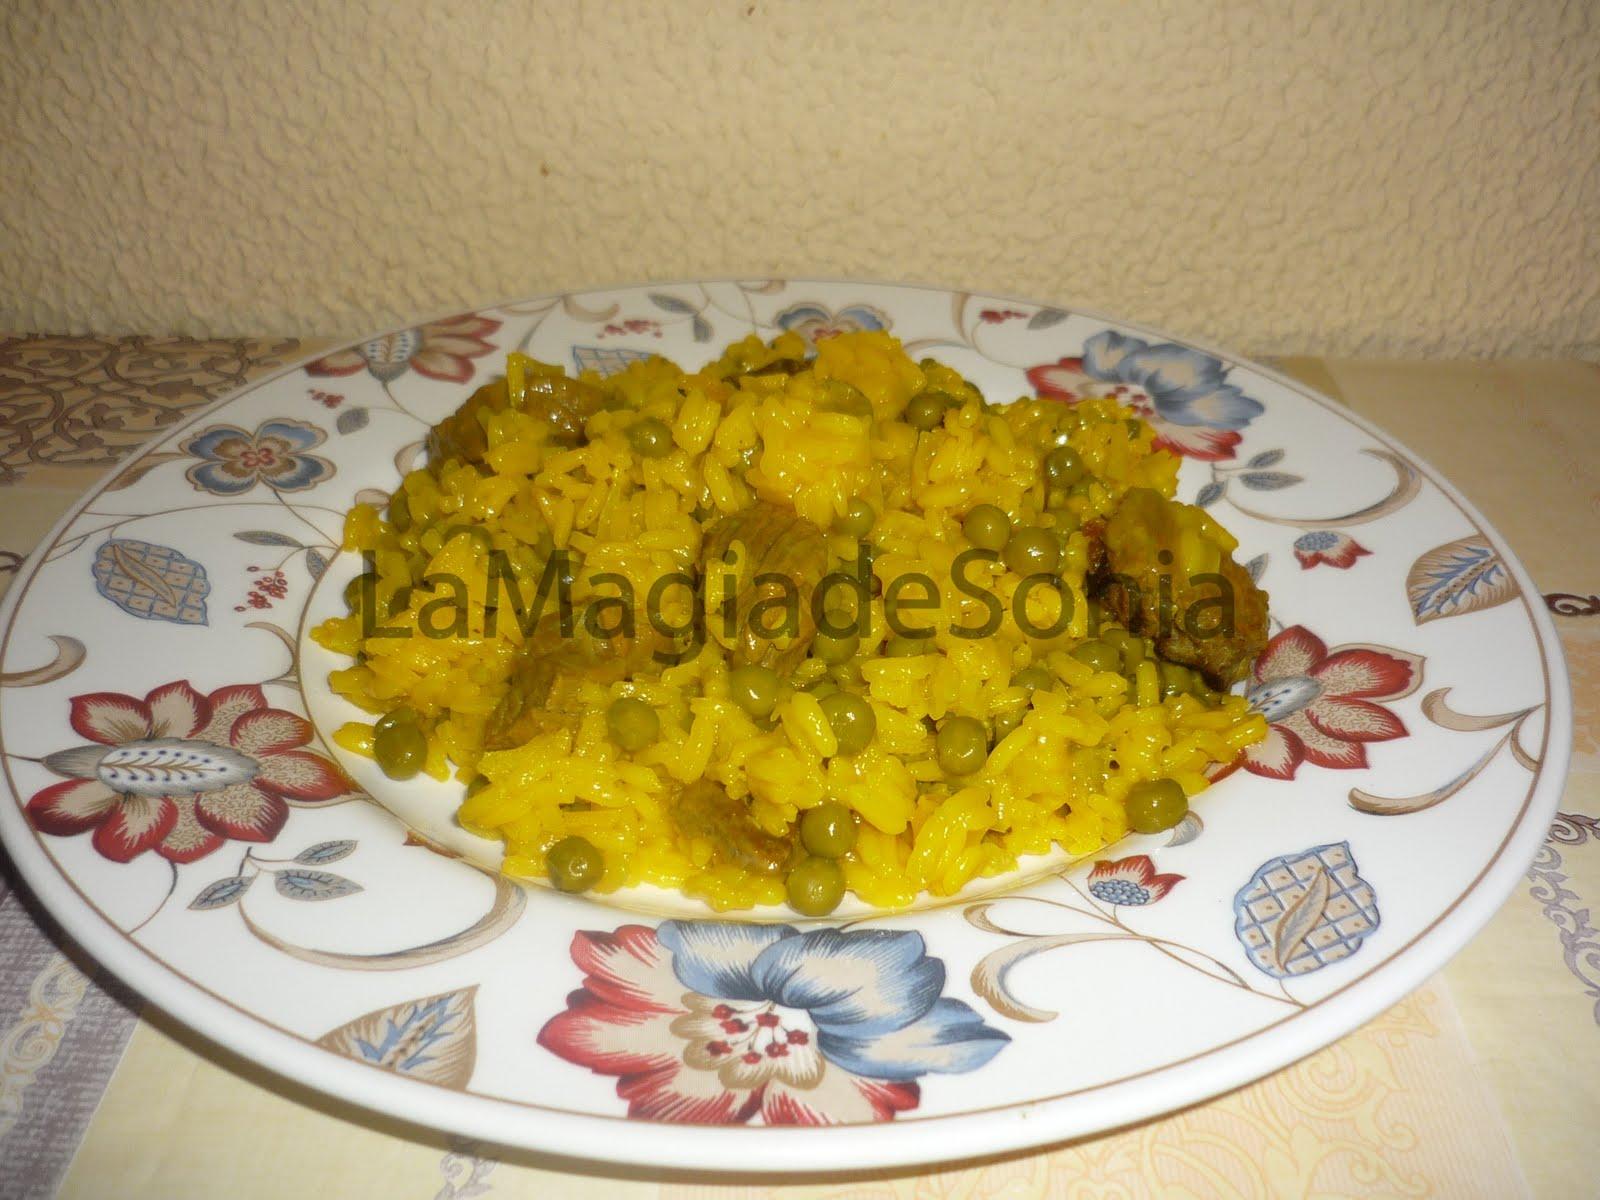 La magia de sonia arroz con ternera y guisantes for Cocinar guisantes congelados